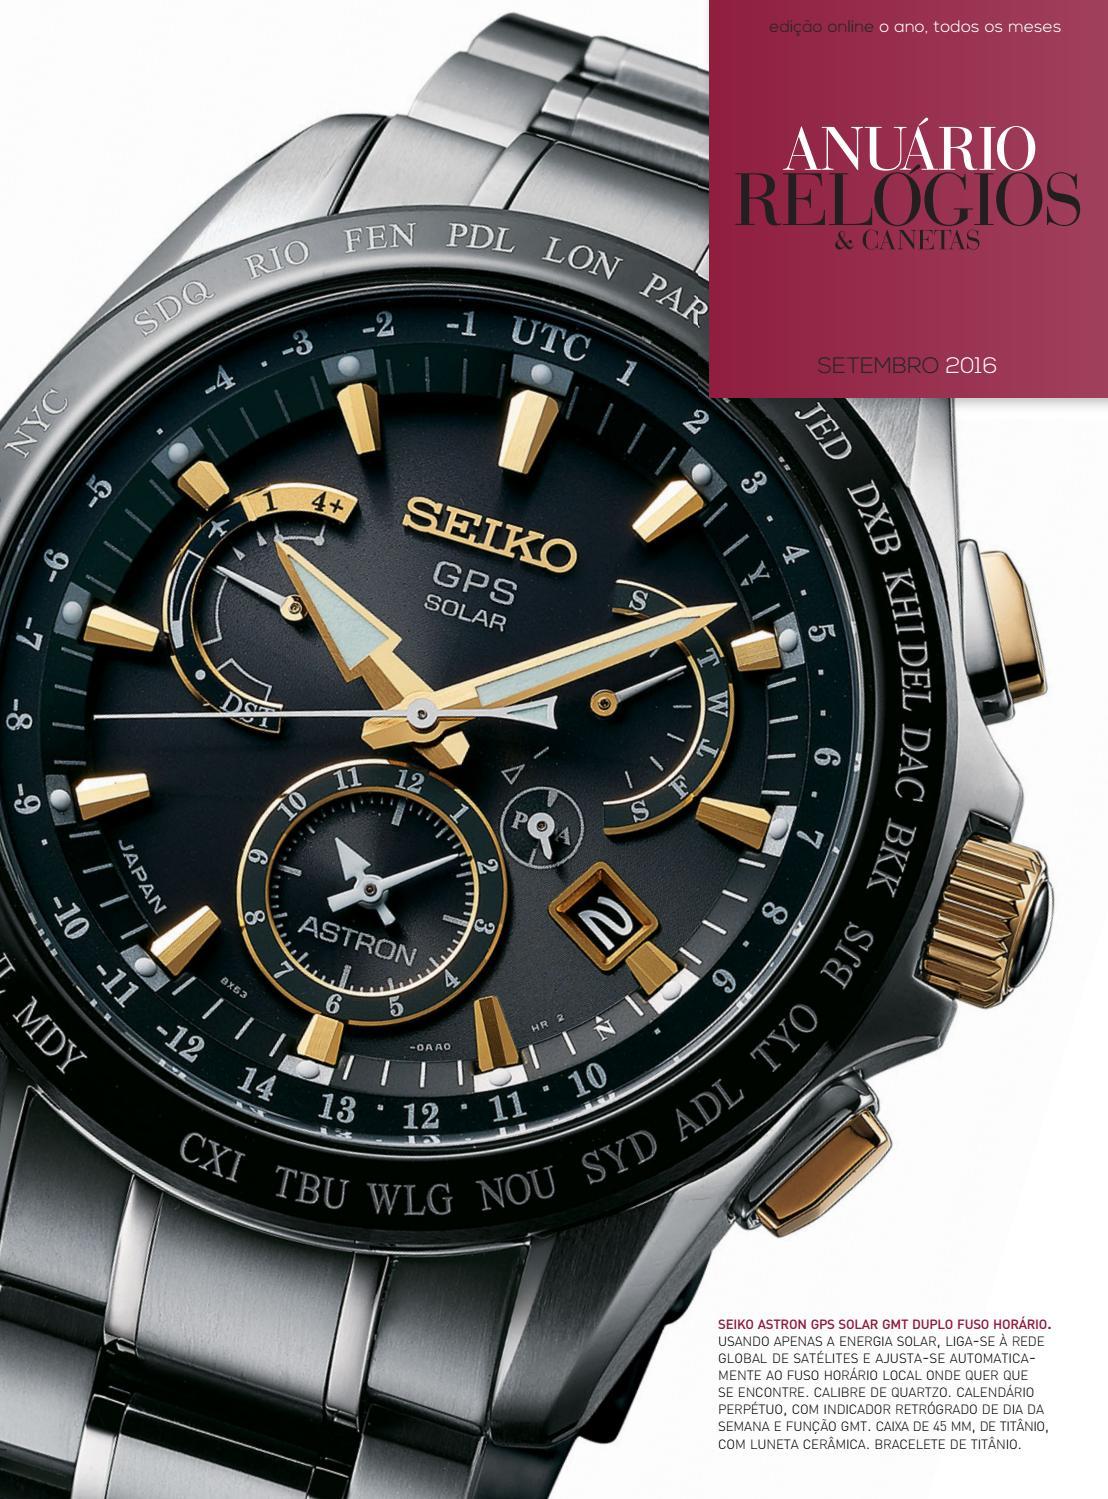 d51c7680307 Anuário Relógios   Canetas - Setembro 2016 by Anuário Relógios   Canetas -  issuu